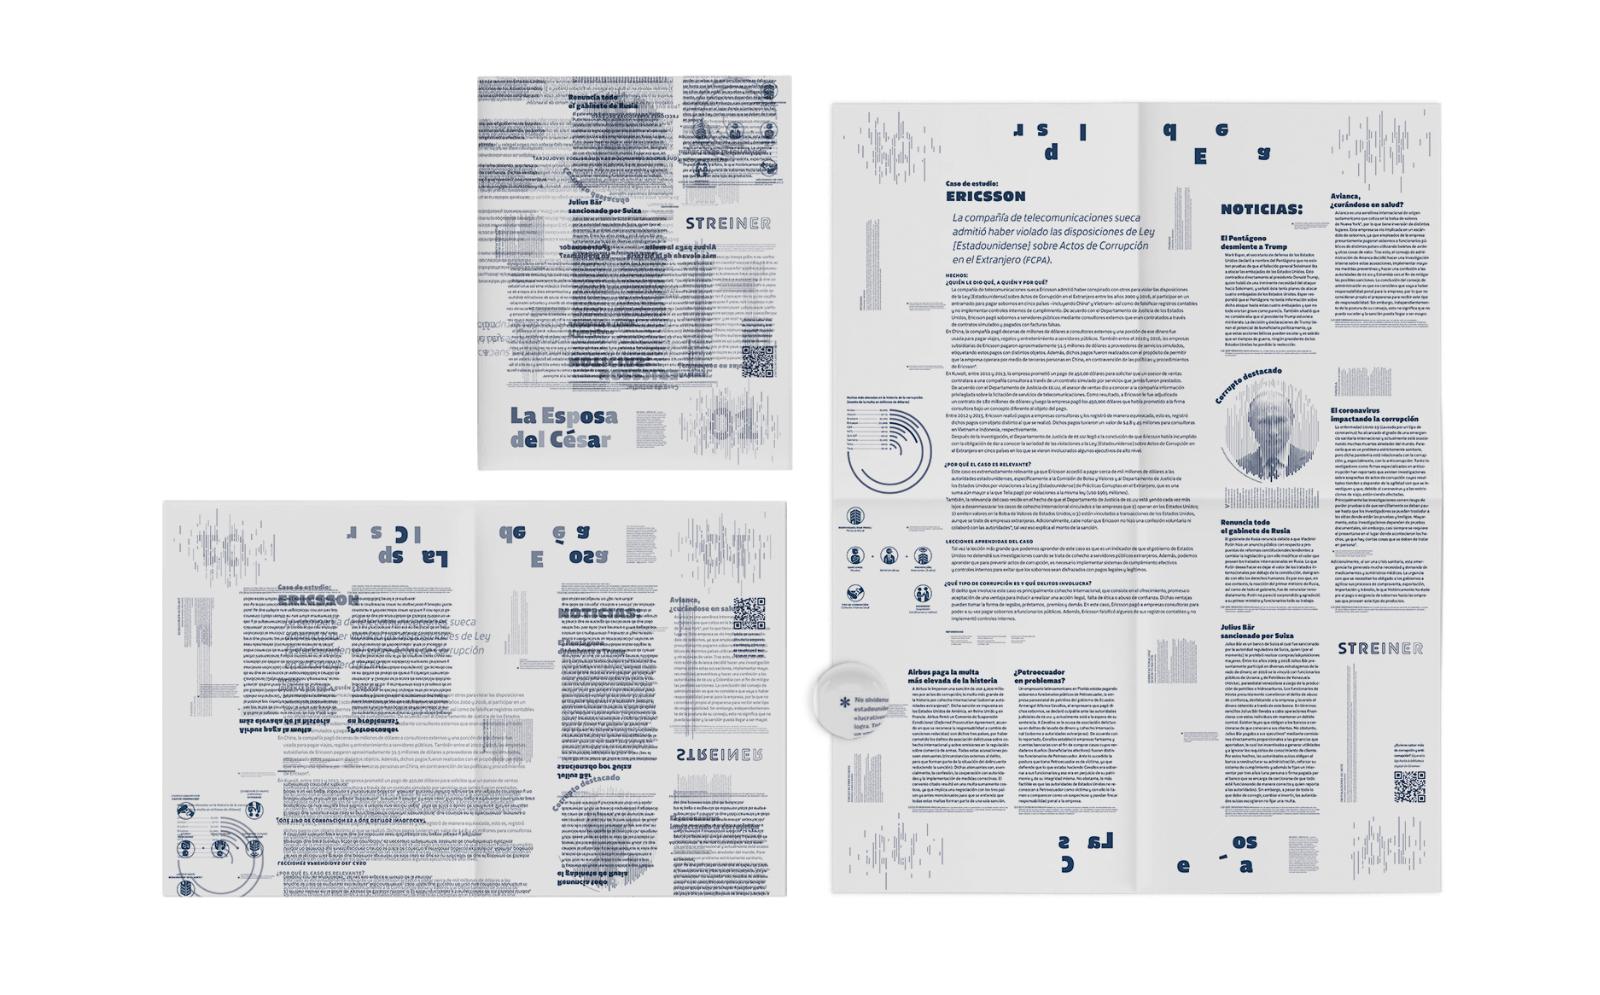 Gaceta de anticorrupción en papel albanene